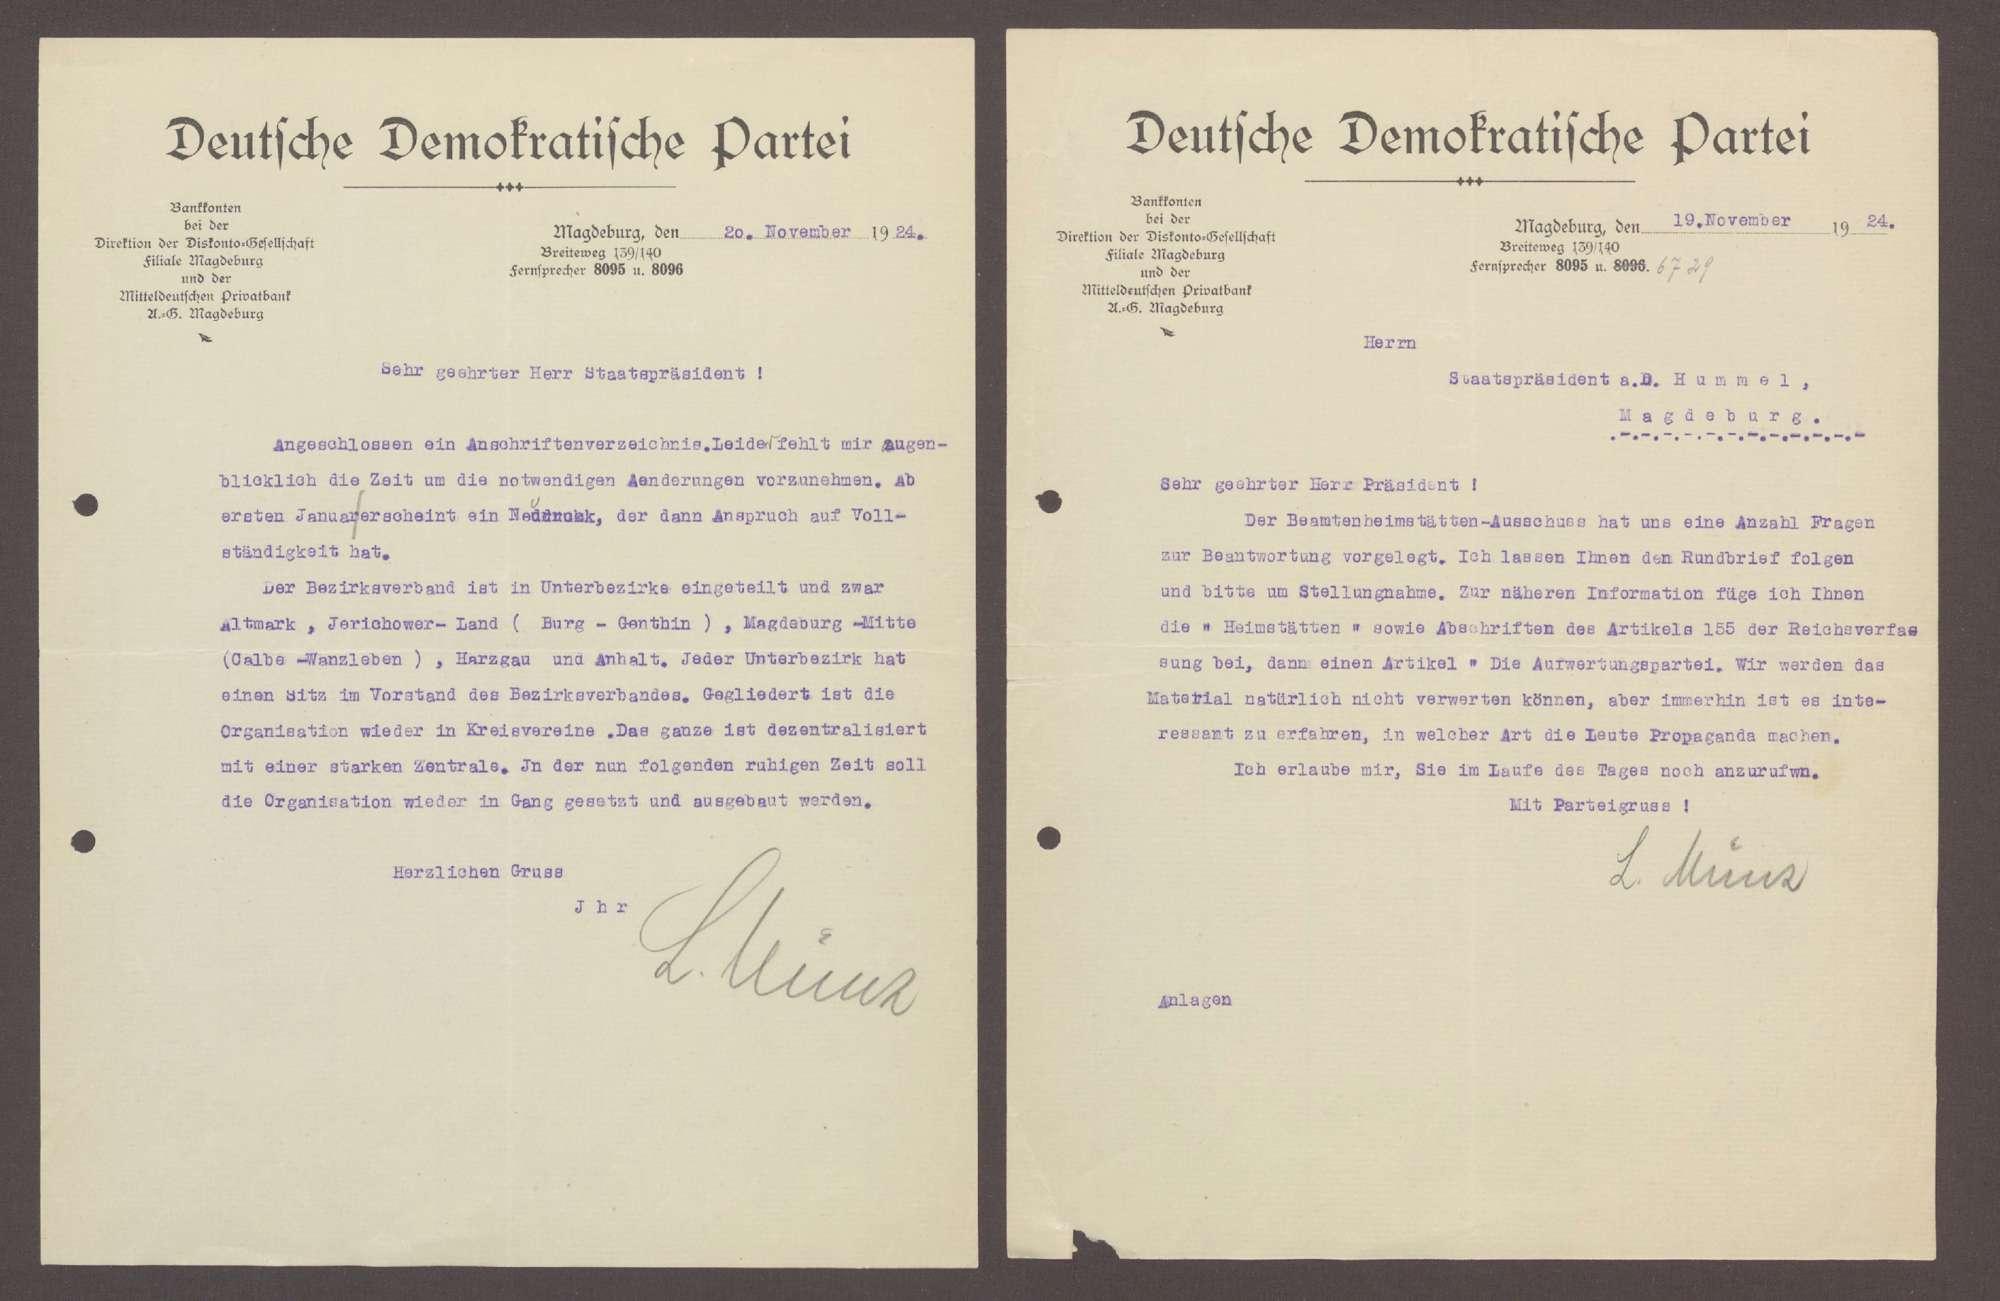 Schreiben von Ludwig Münz, DDP Ortsgruppe Magdeburg, an Hermann Hummel: Einladung zu einem Abendessen mit Theordor Bohner;, Bild 3